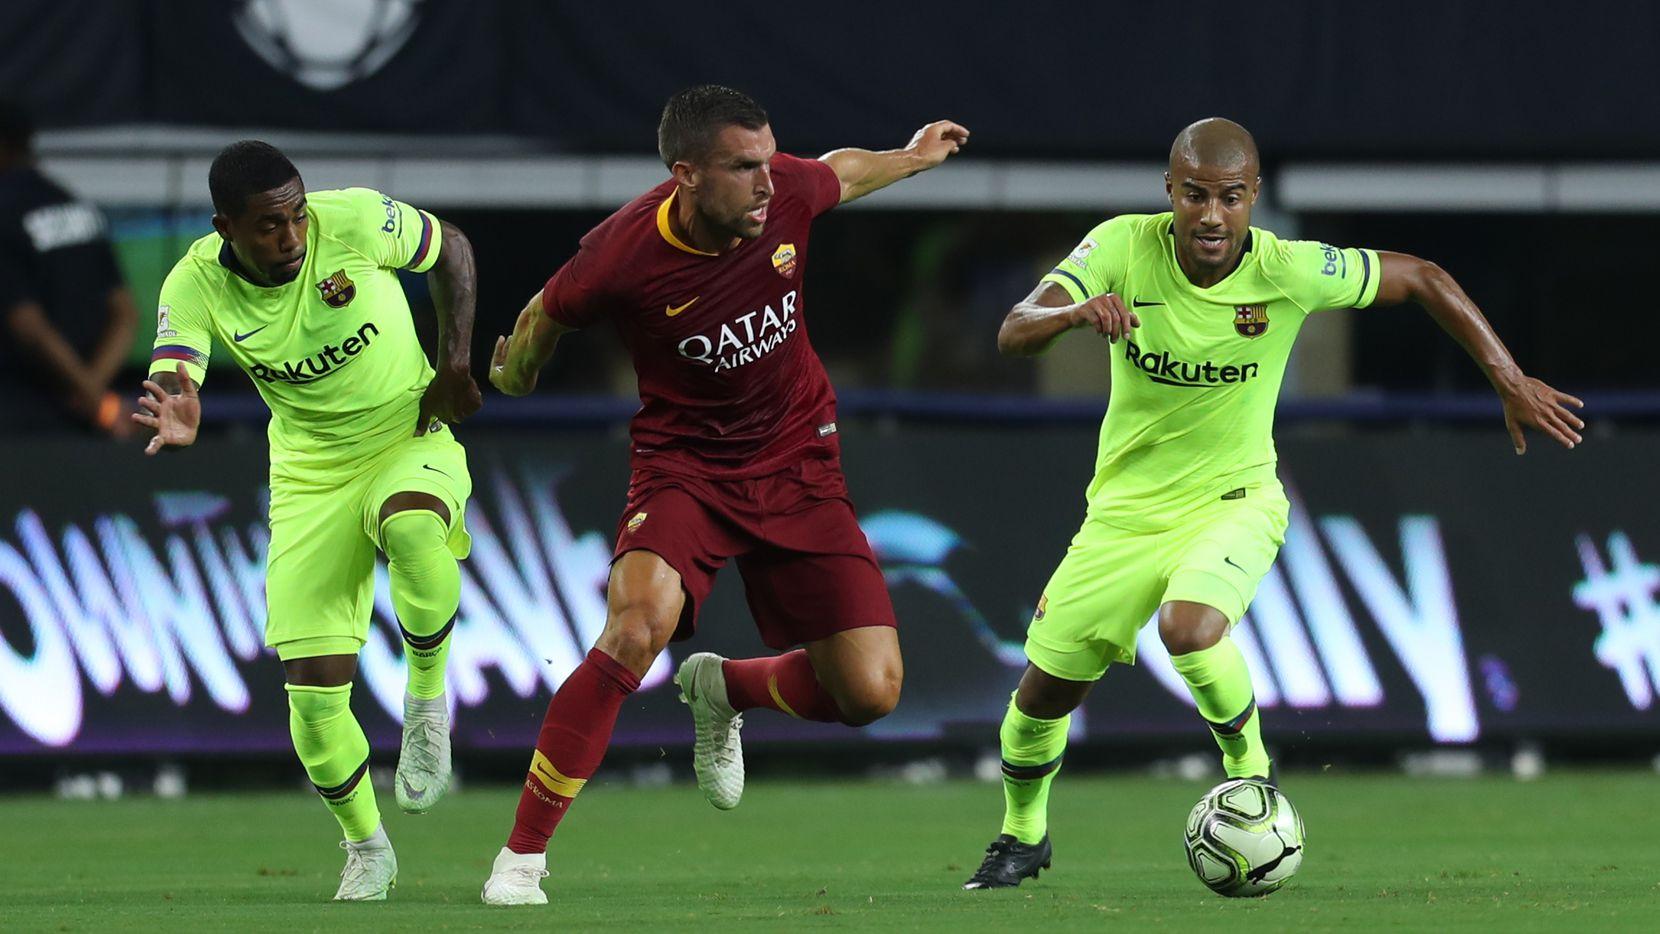 Barcelona se midió a la Roma en el estadio de los Dallas Cowboys. Foto Omar Vega para Al Día